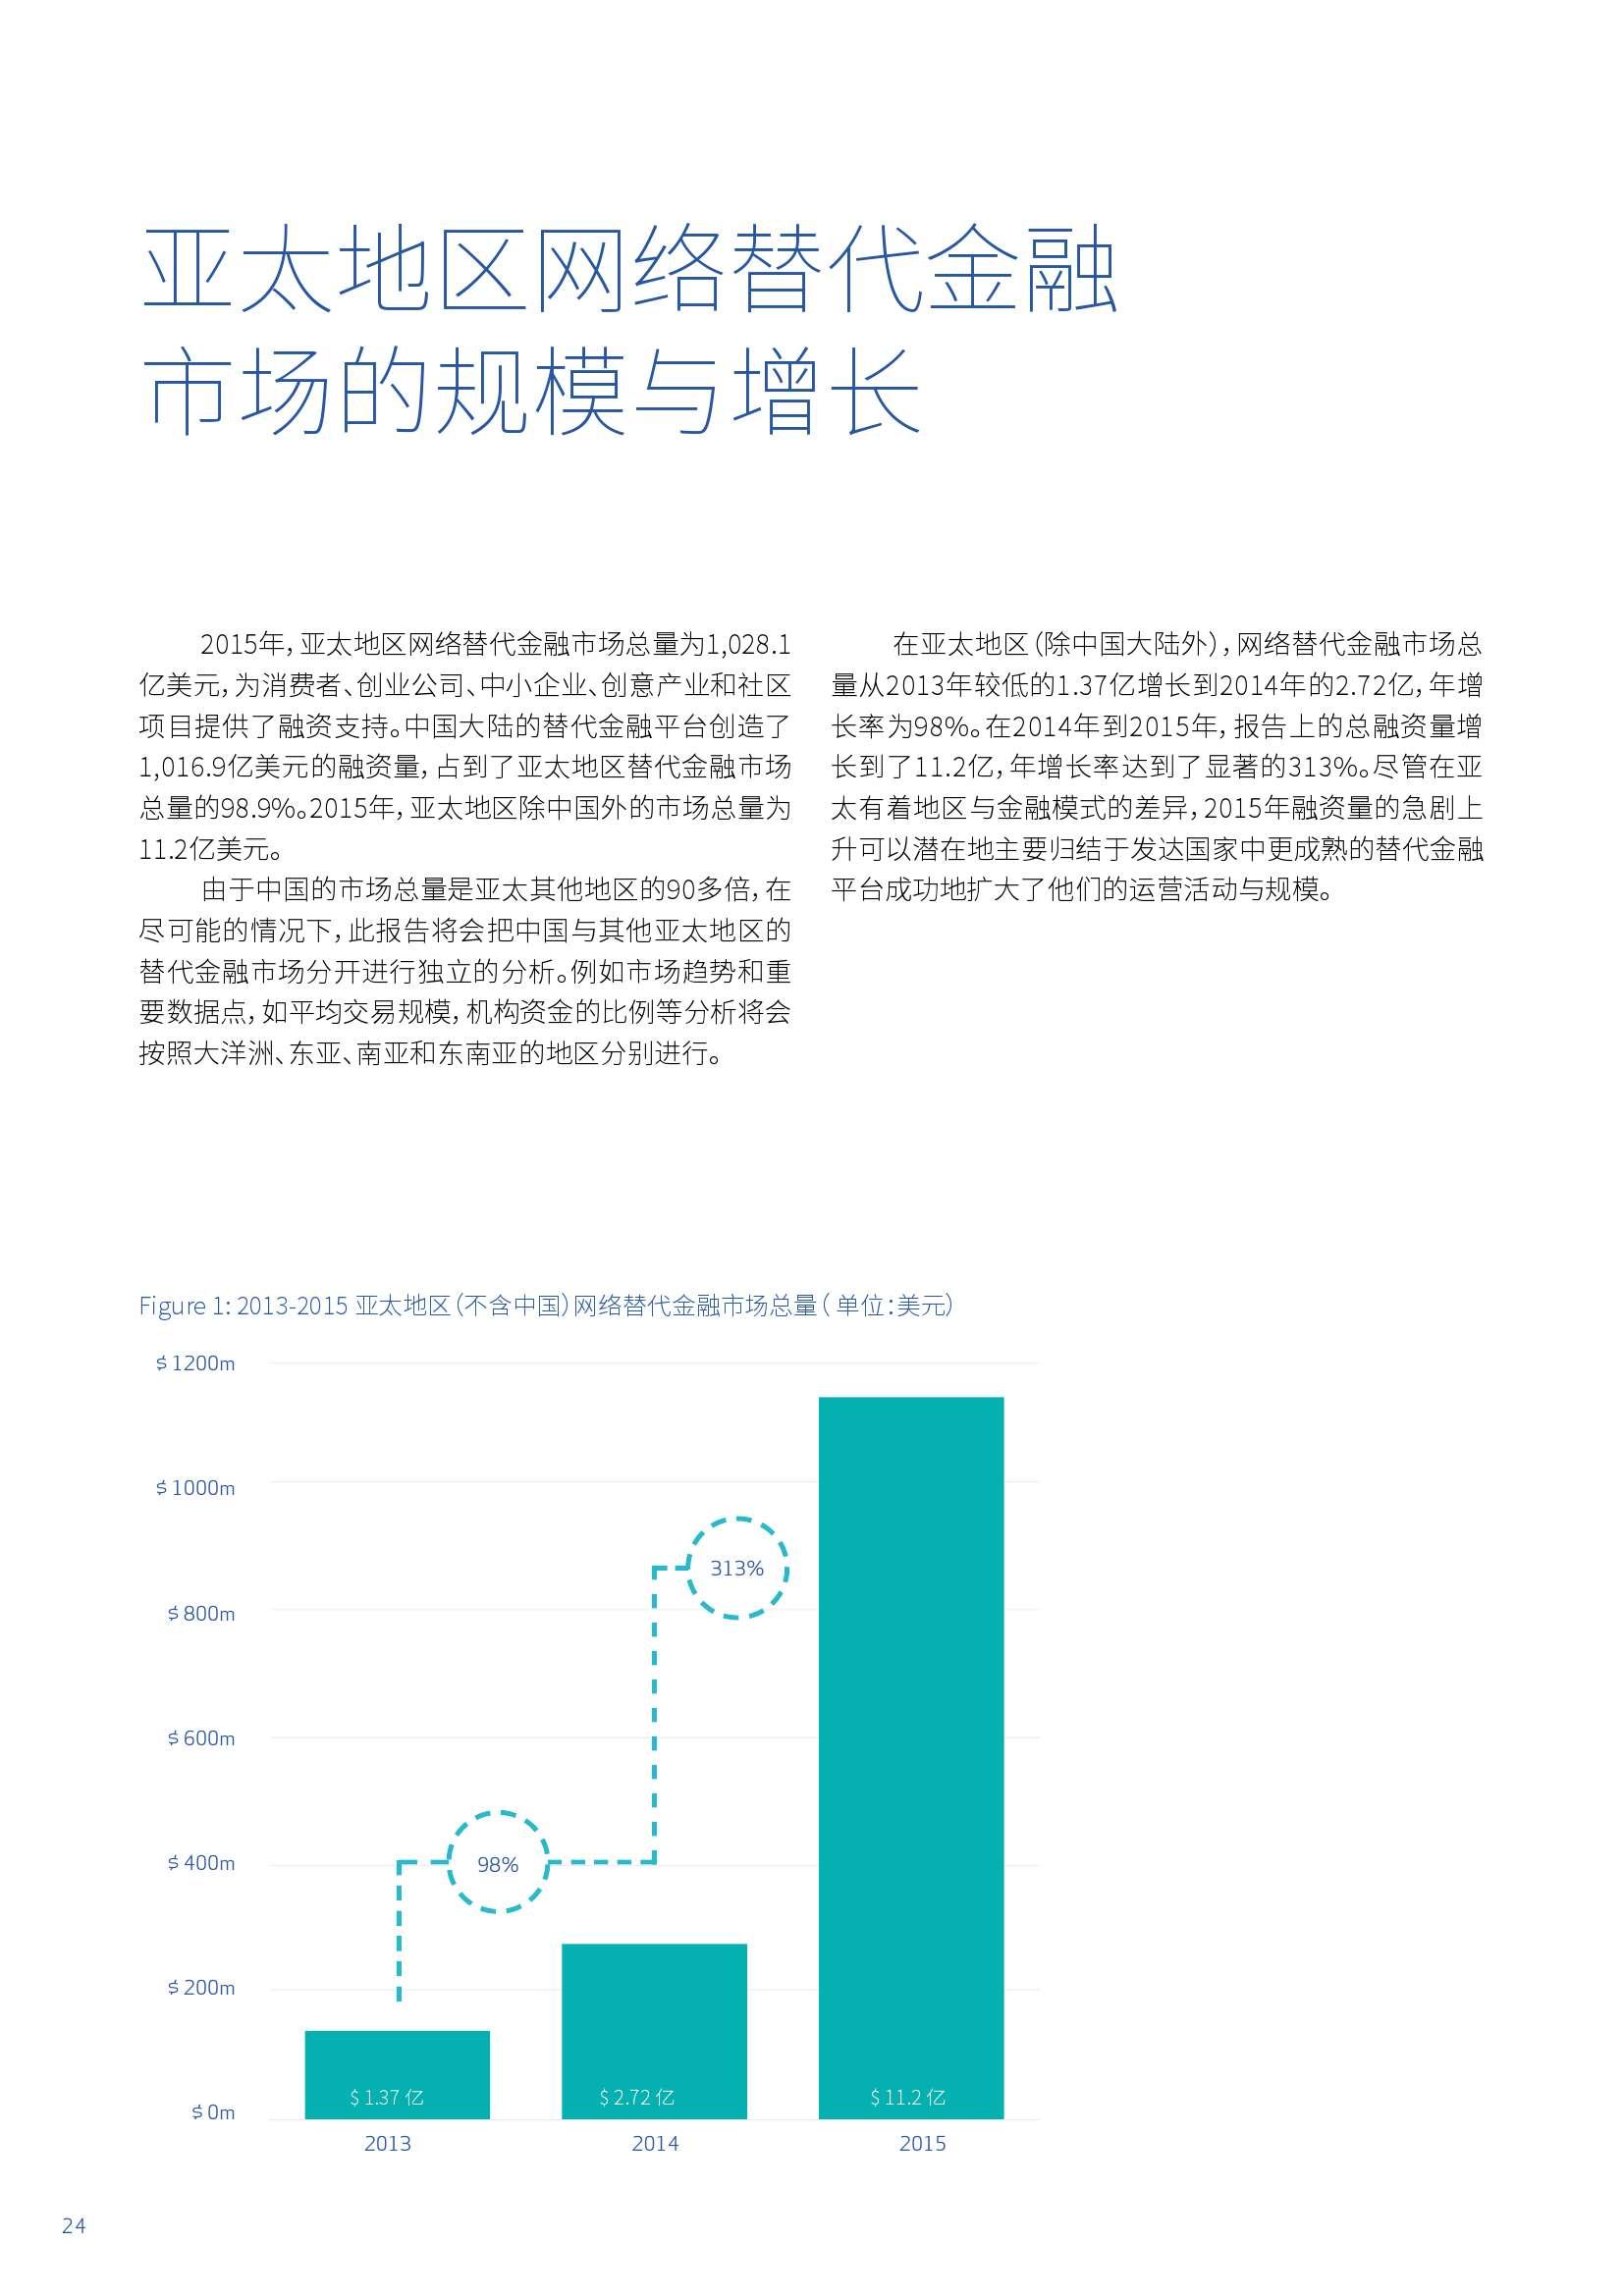 亚太地区网络替代金融基准报告_000024